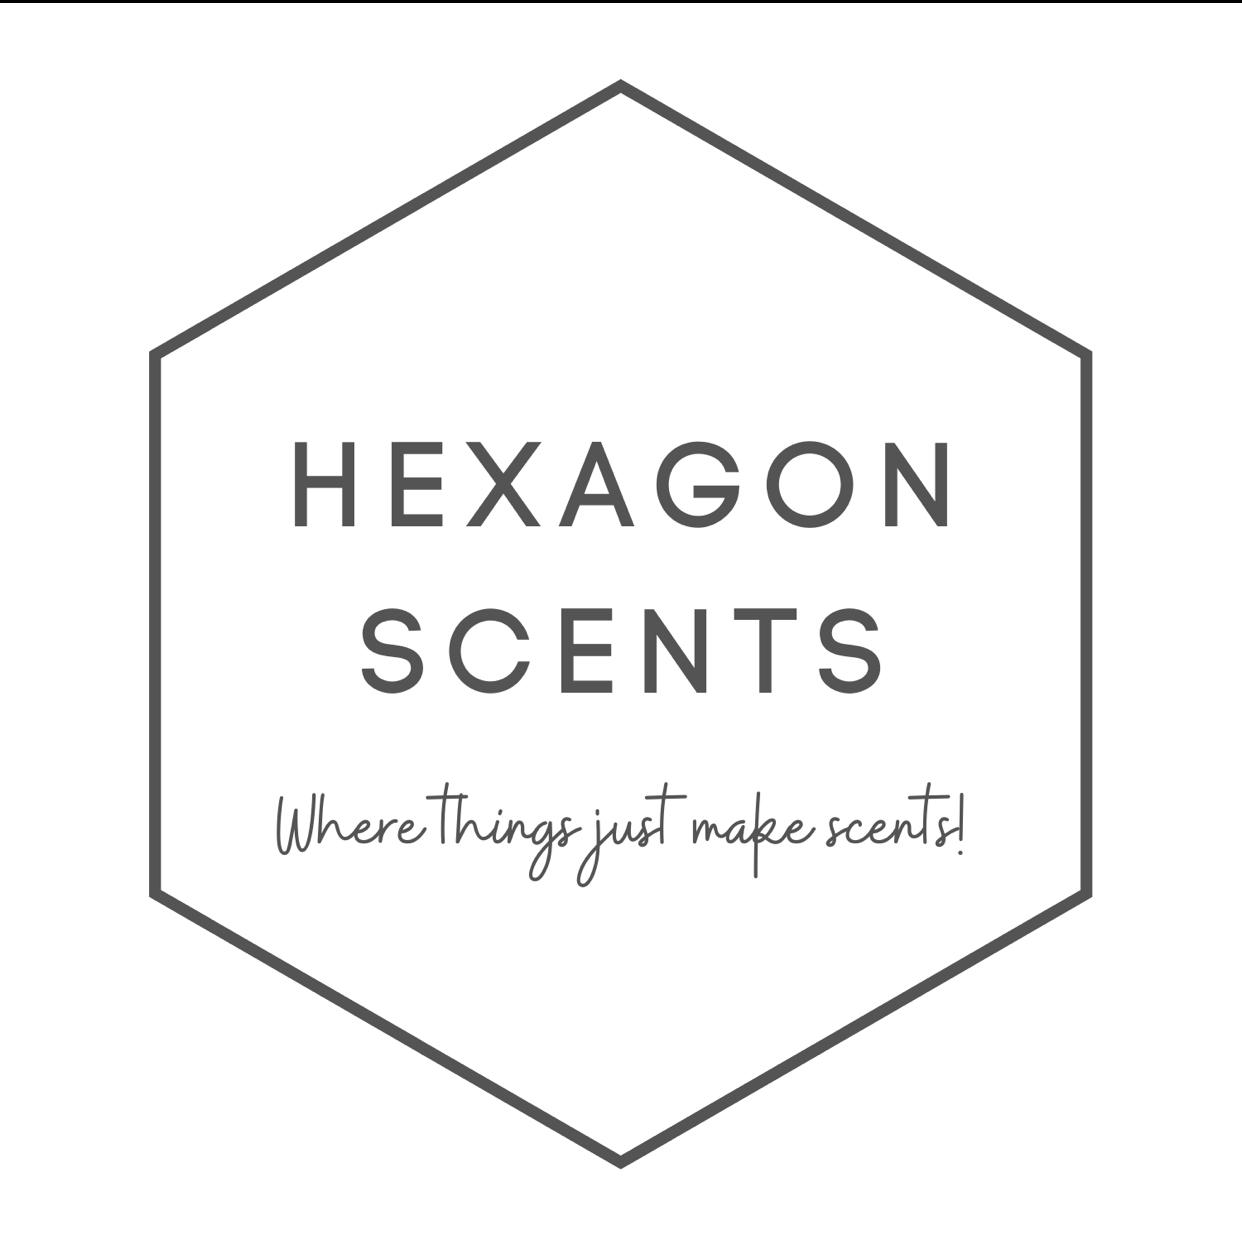 Hexagon Scents